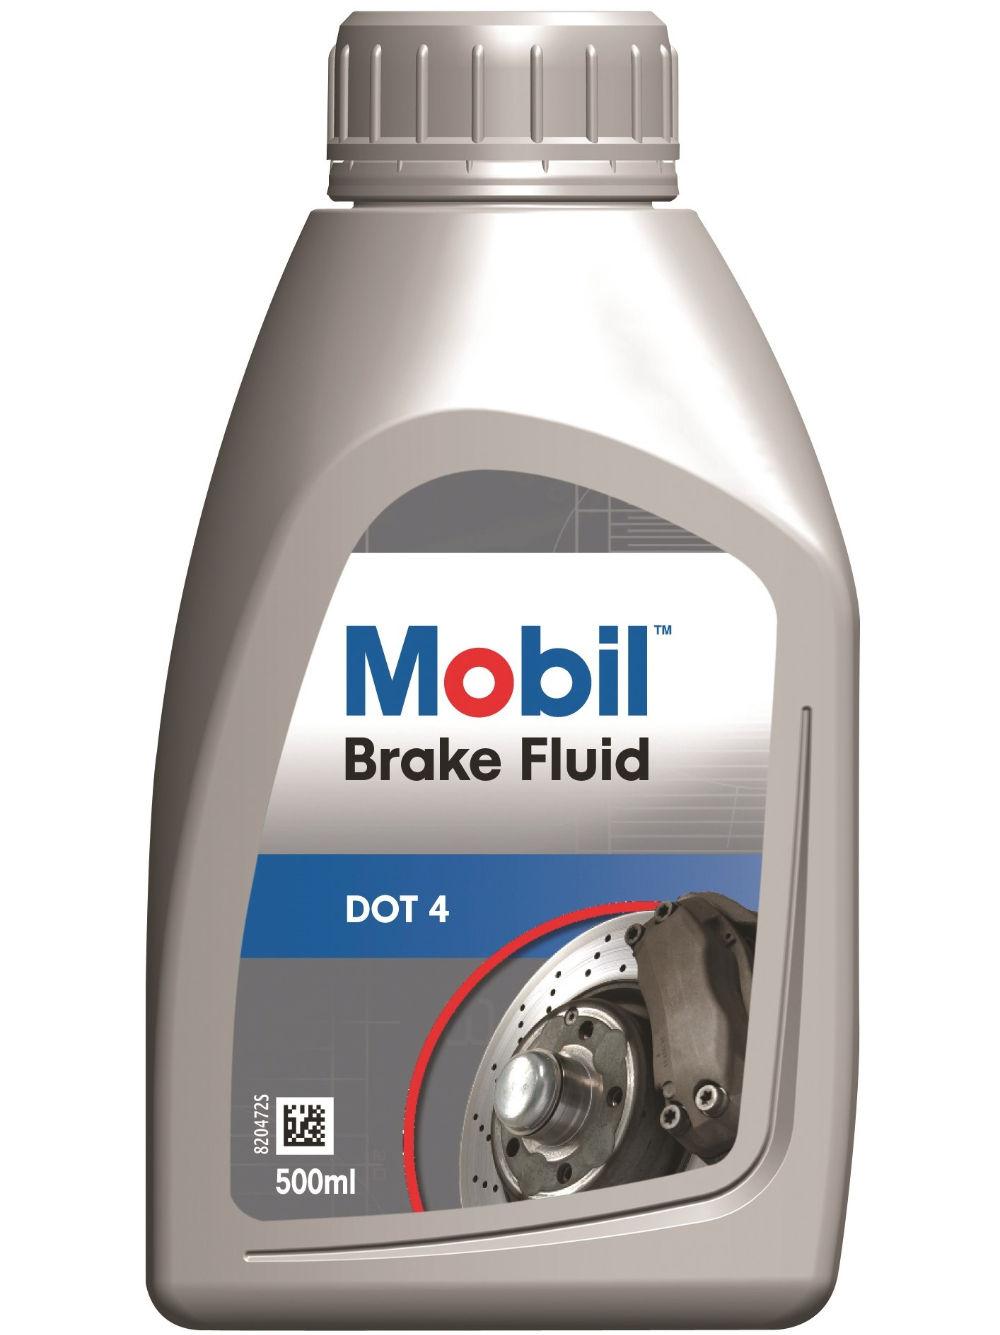 Mobil Brake Fluid